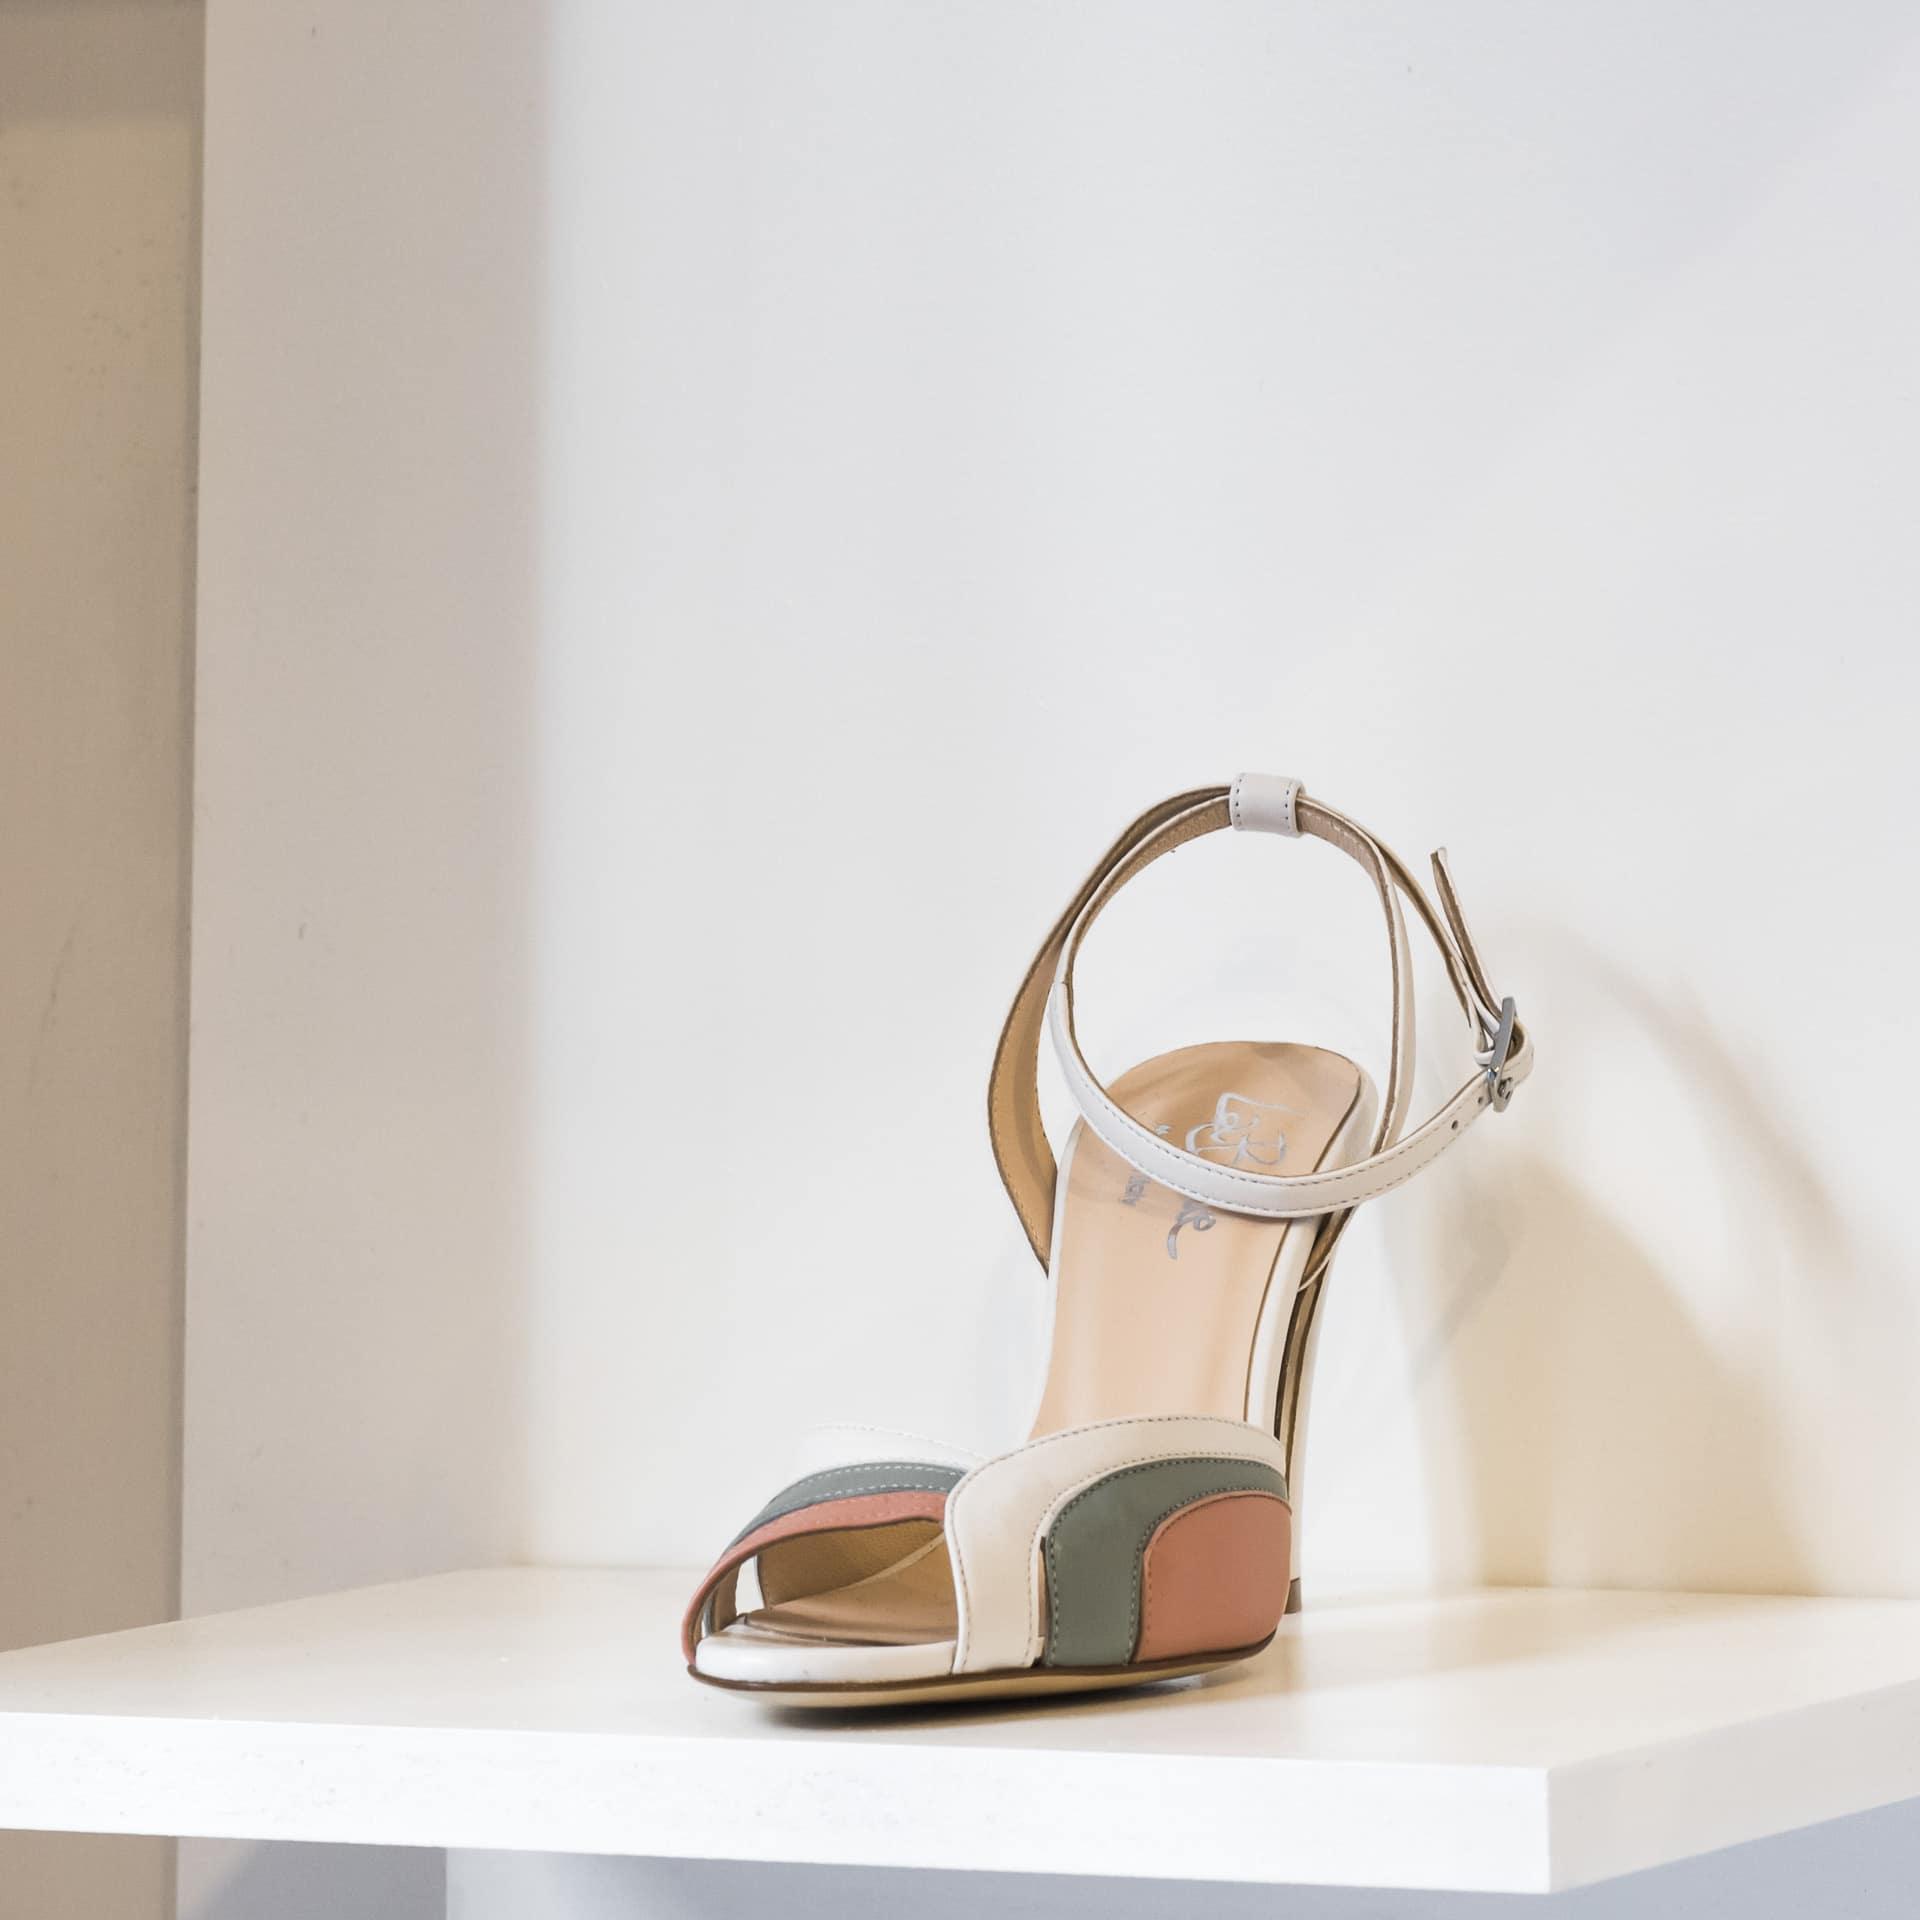 La Belle Shoes sandalo alto anni '80 (1)